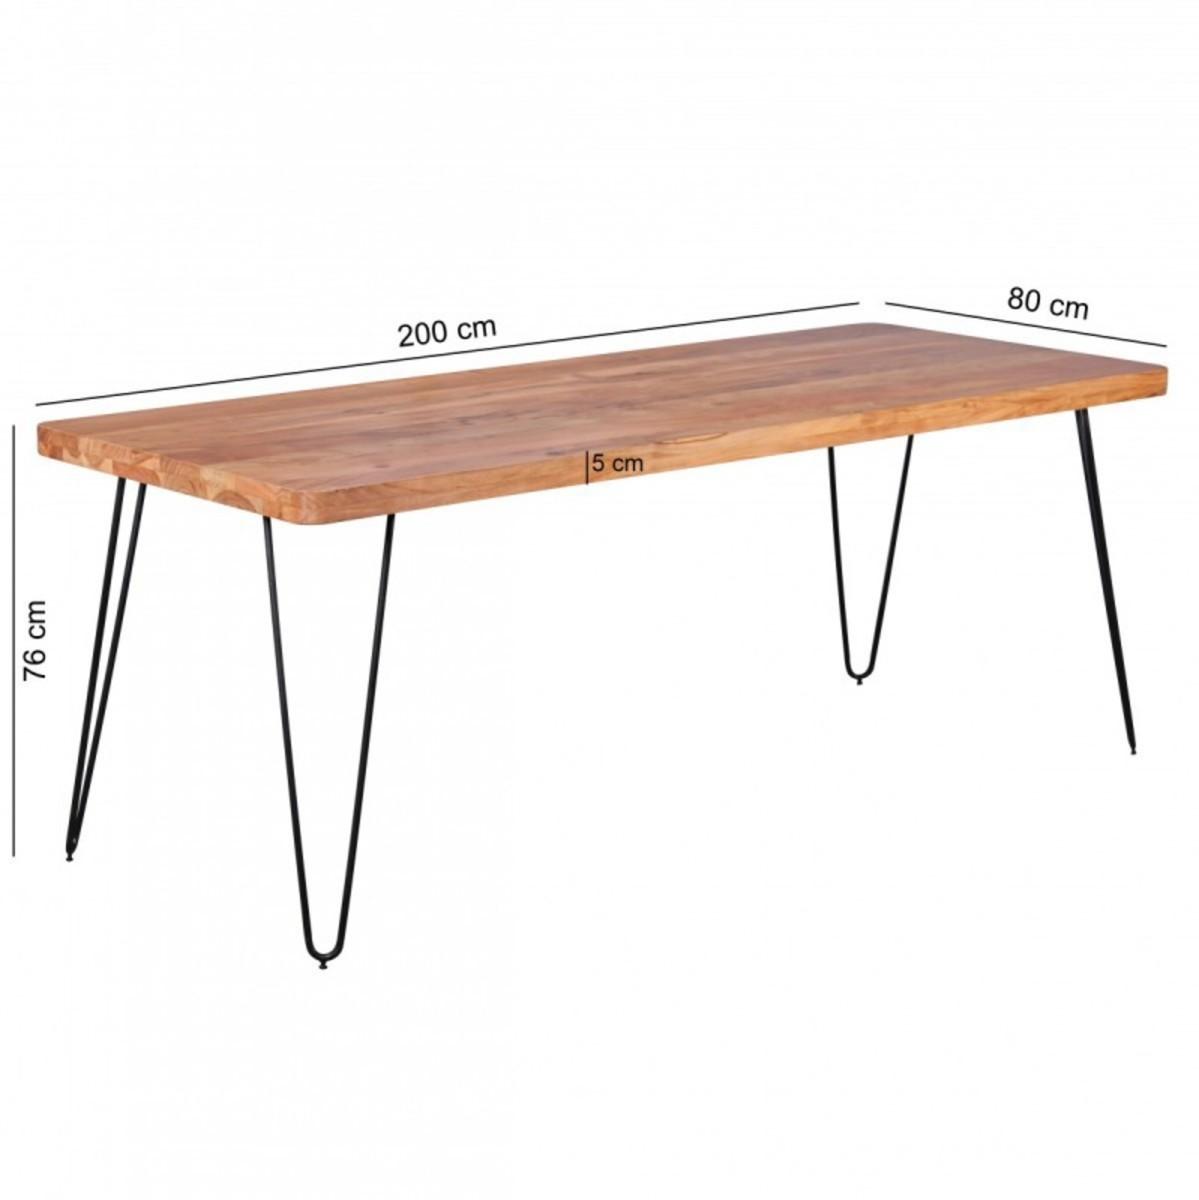 Bild 2 von Wohnling Massivholz Akazie Esstisch 200 x 80 x 76 cm Küchentisch Massiv